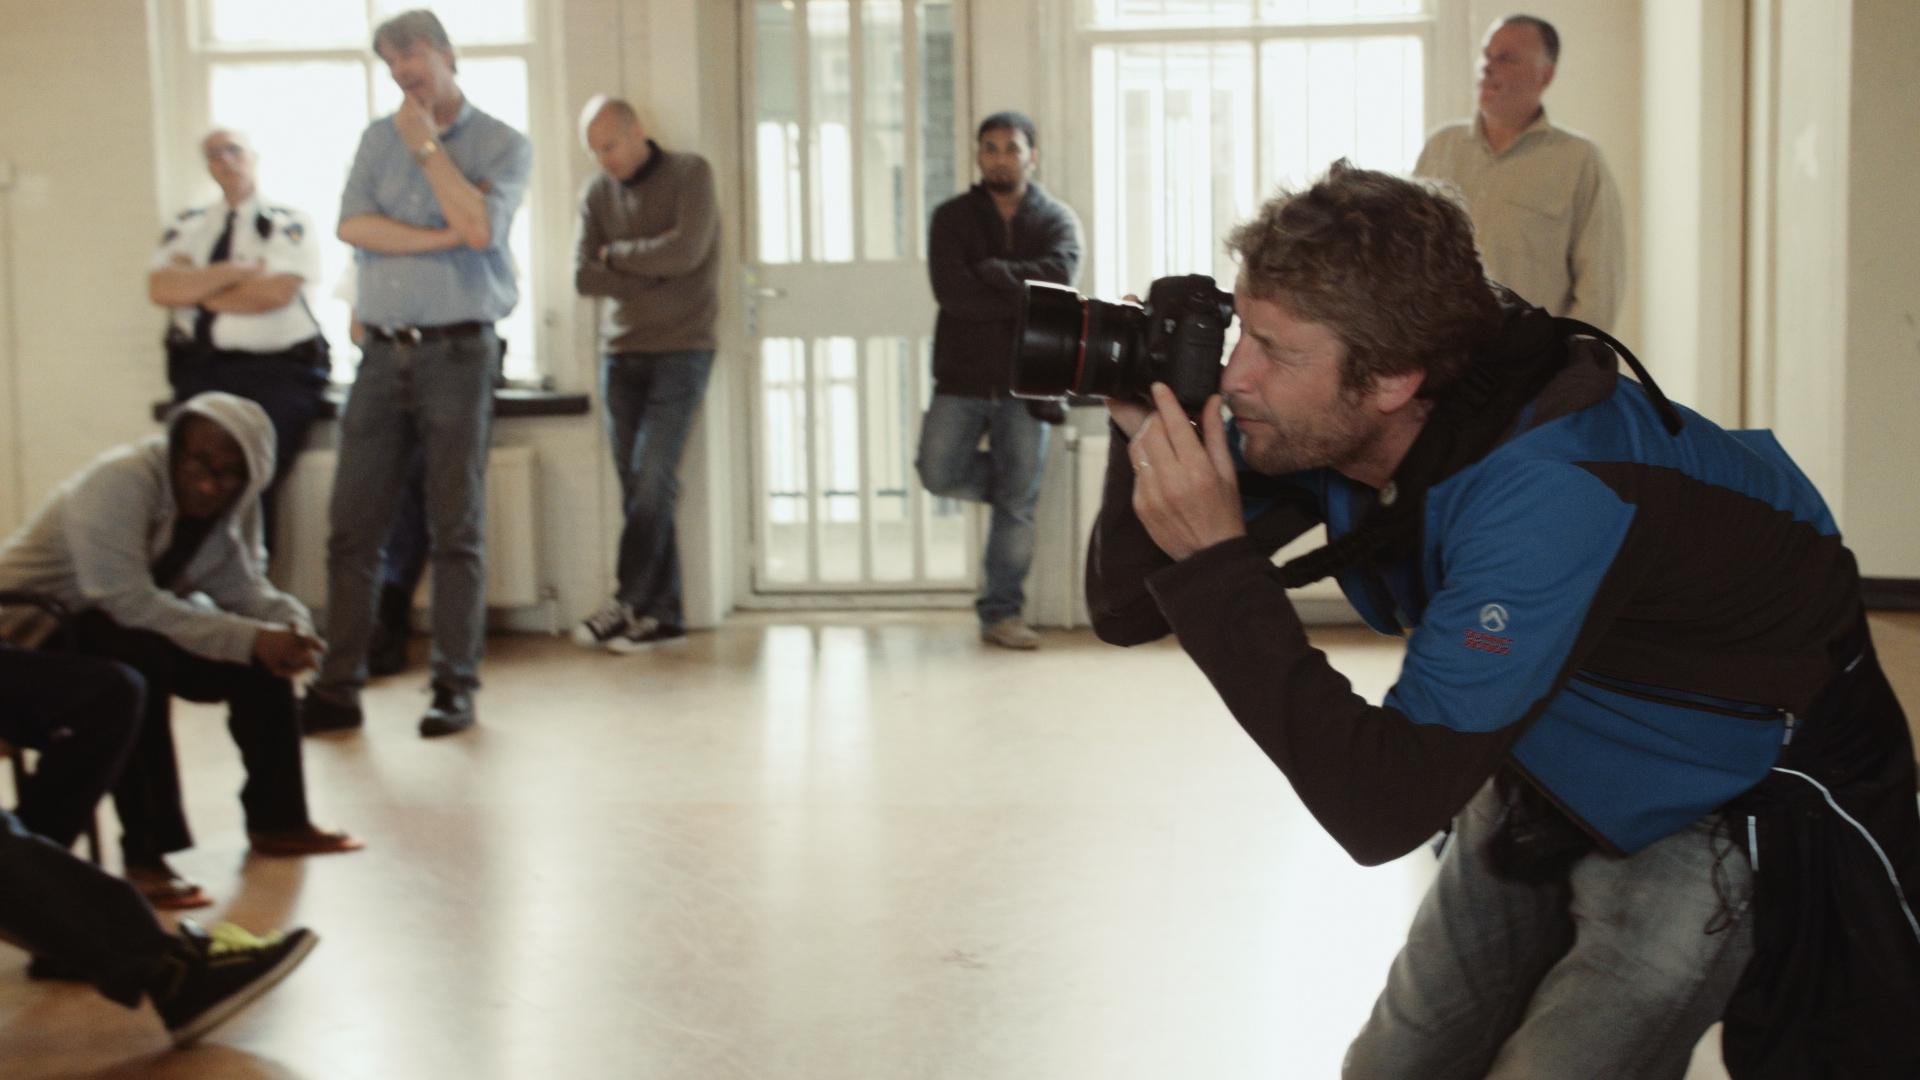 foto van een fotograaf met camera die een foto neemt in een ruimte waar ook andere mannen staan te wachten